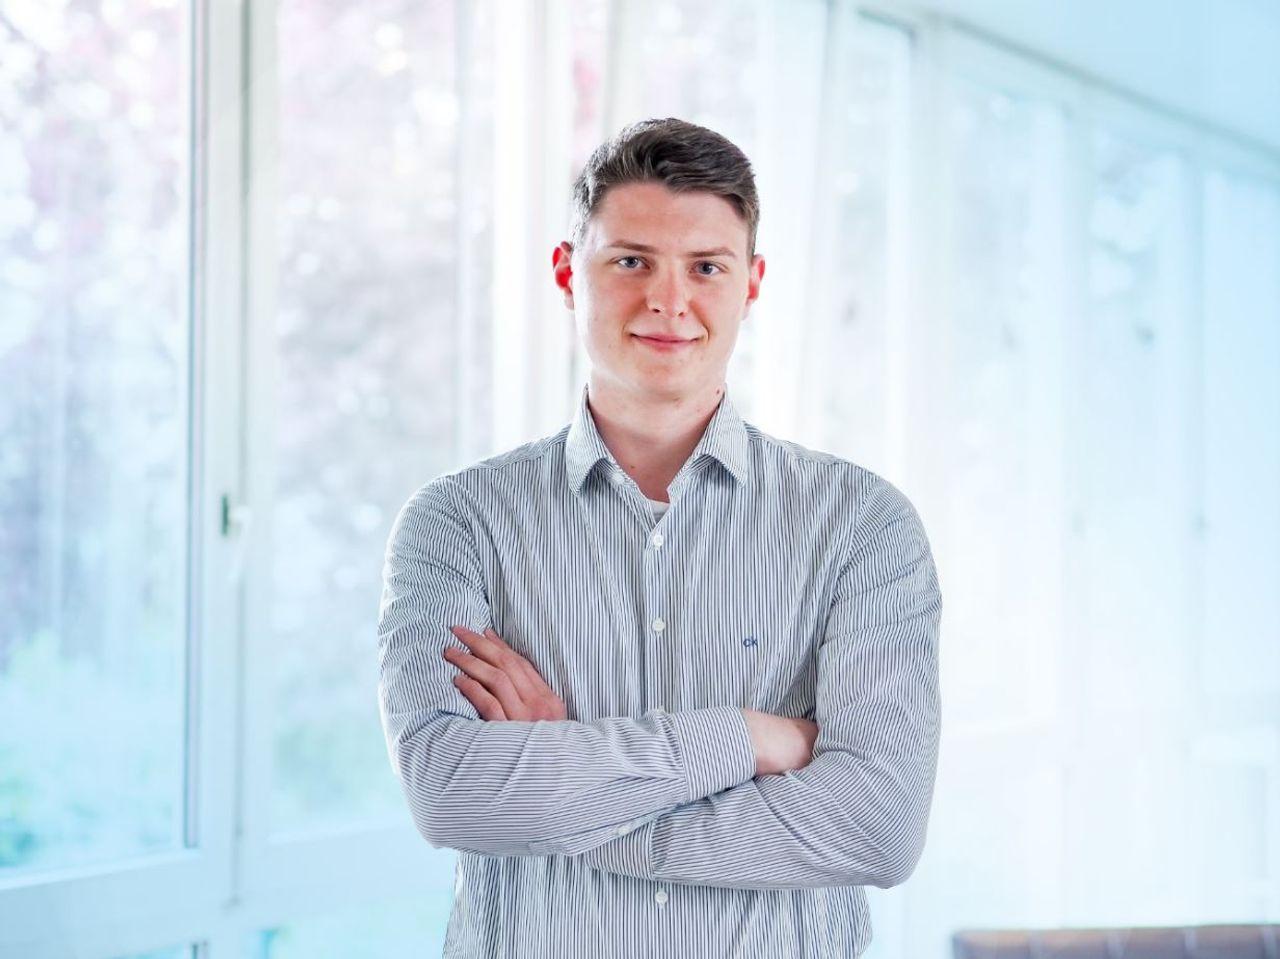 Ben Scheifers, mit verschränkten Armen vor einer Fensterfront stehend